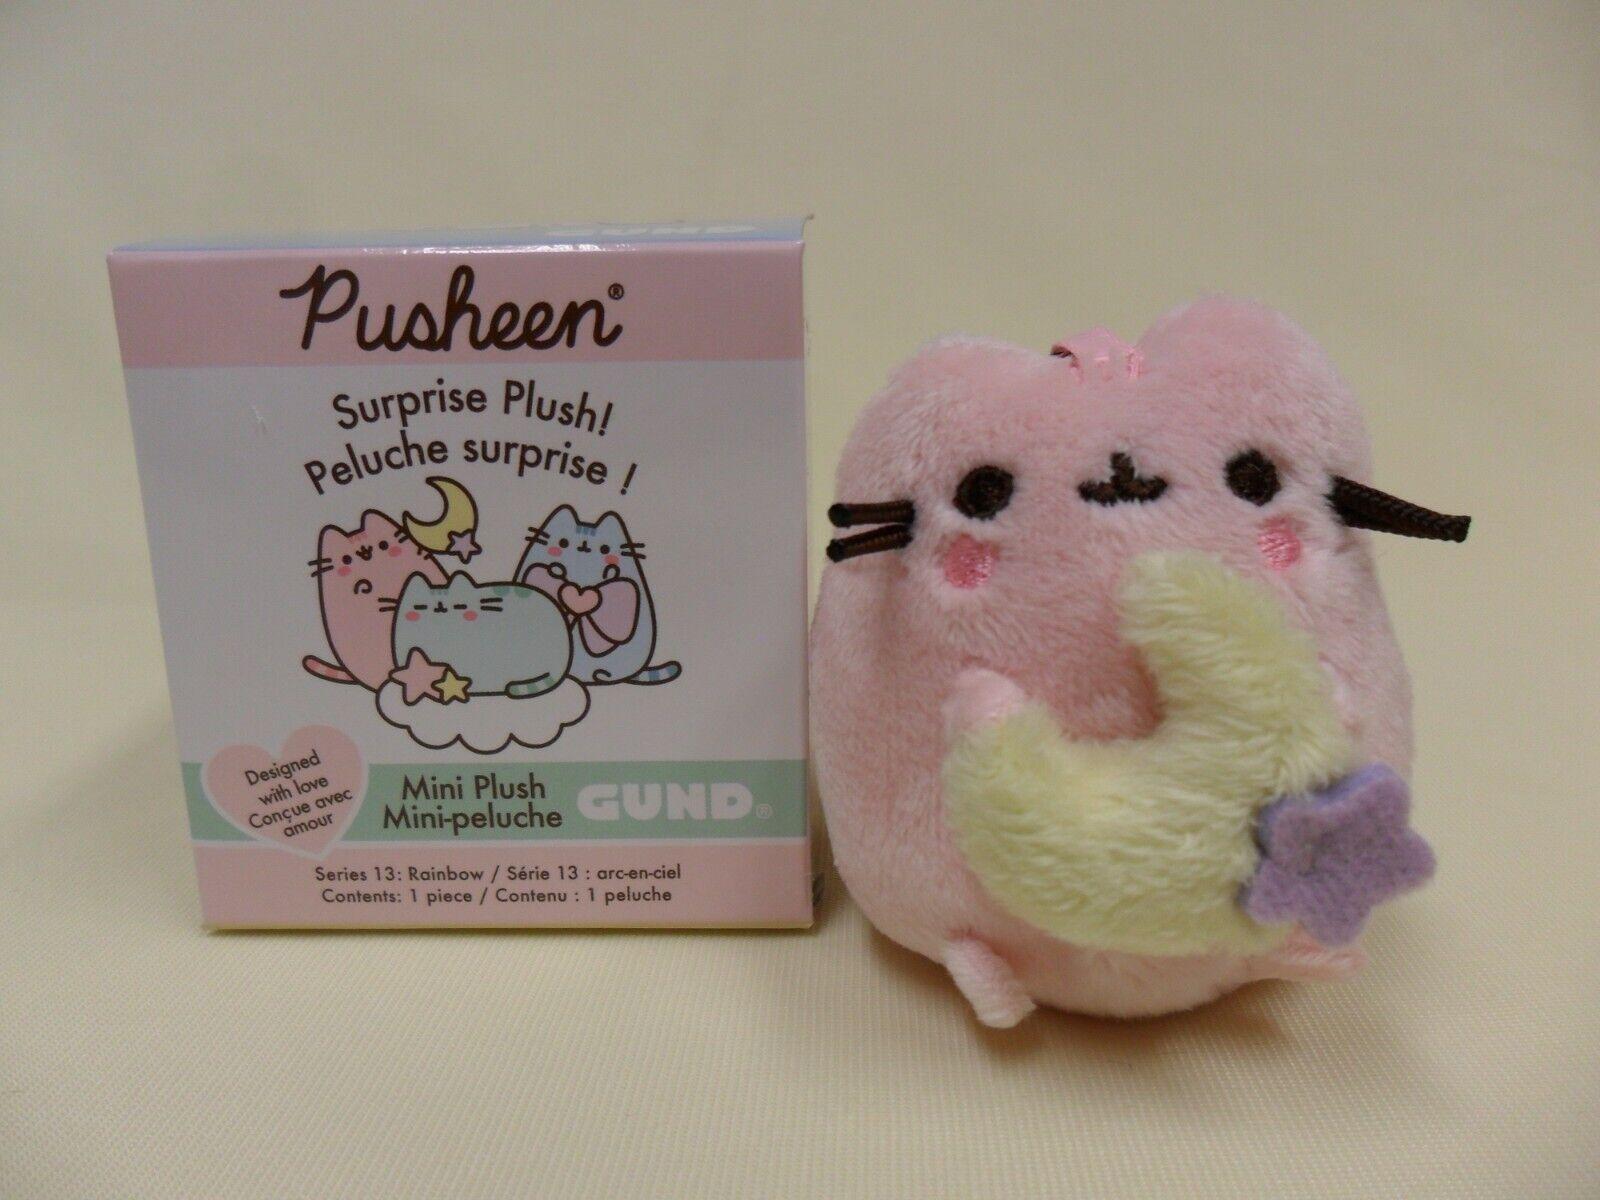 Gund NEW Pusheen Blind Box PINK MOON Rainbow Opened Plush Cat Series 13